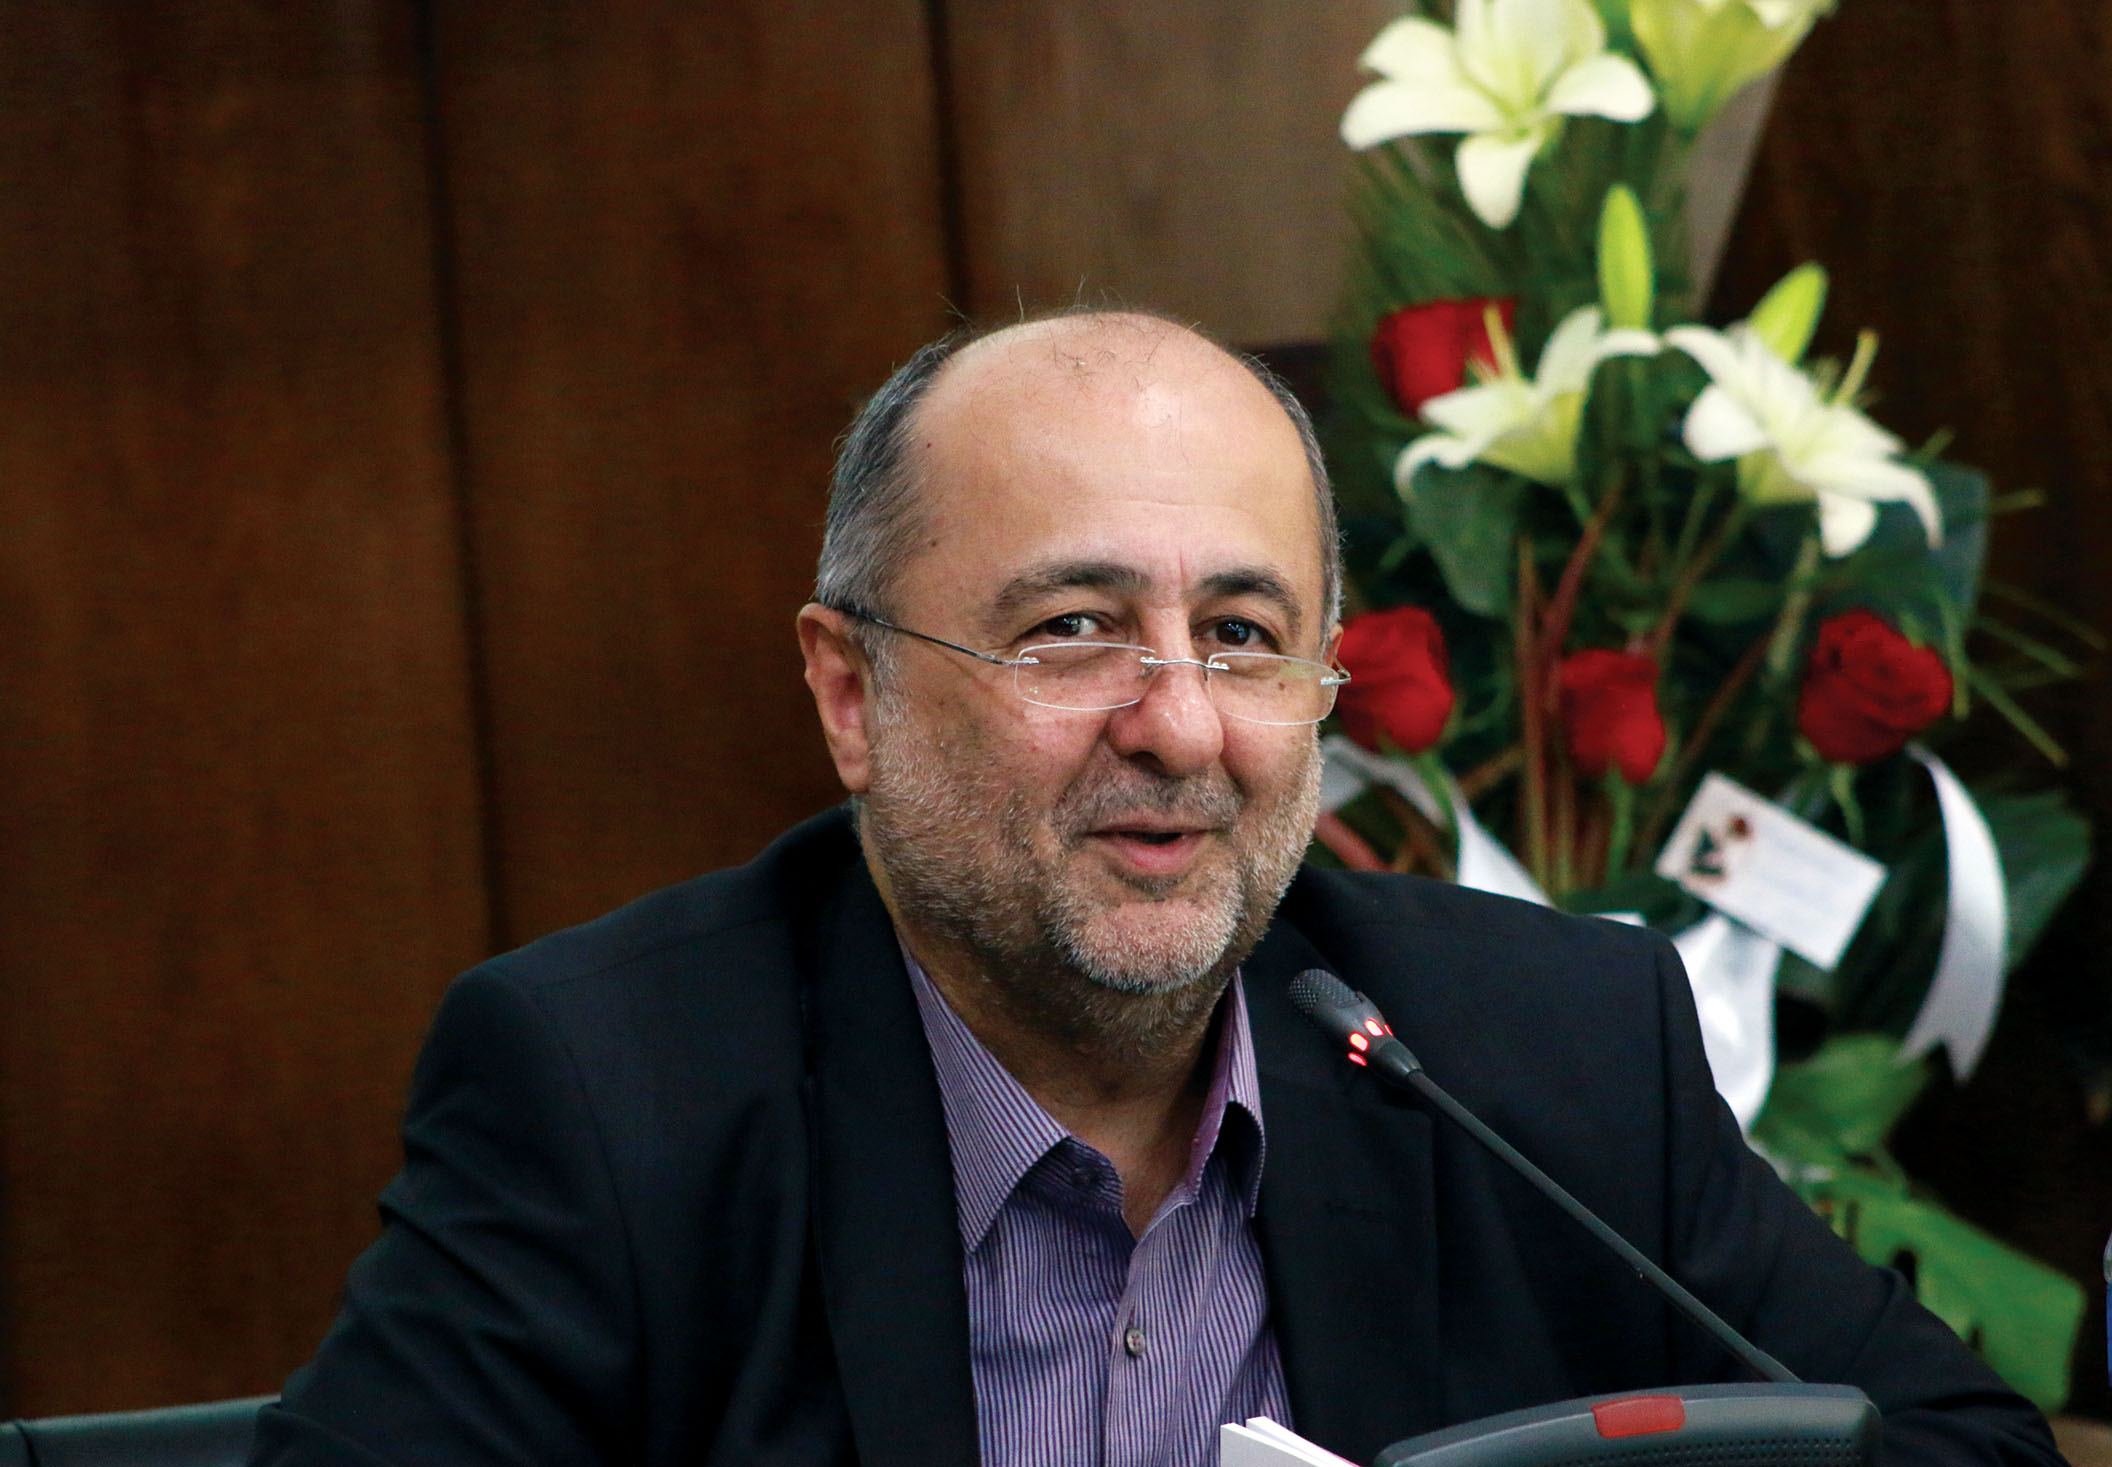 مدیر عامل شرکت سهامی برق منطقه ای گیلان؛ از حمایتهای استاندار گیلان در اجرای پروژه های شرکت قدردانی کرد